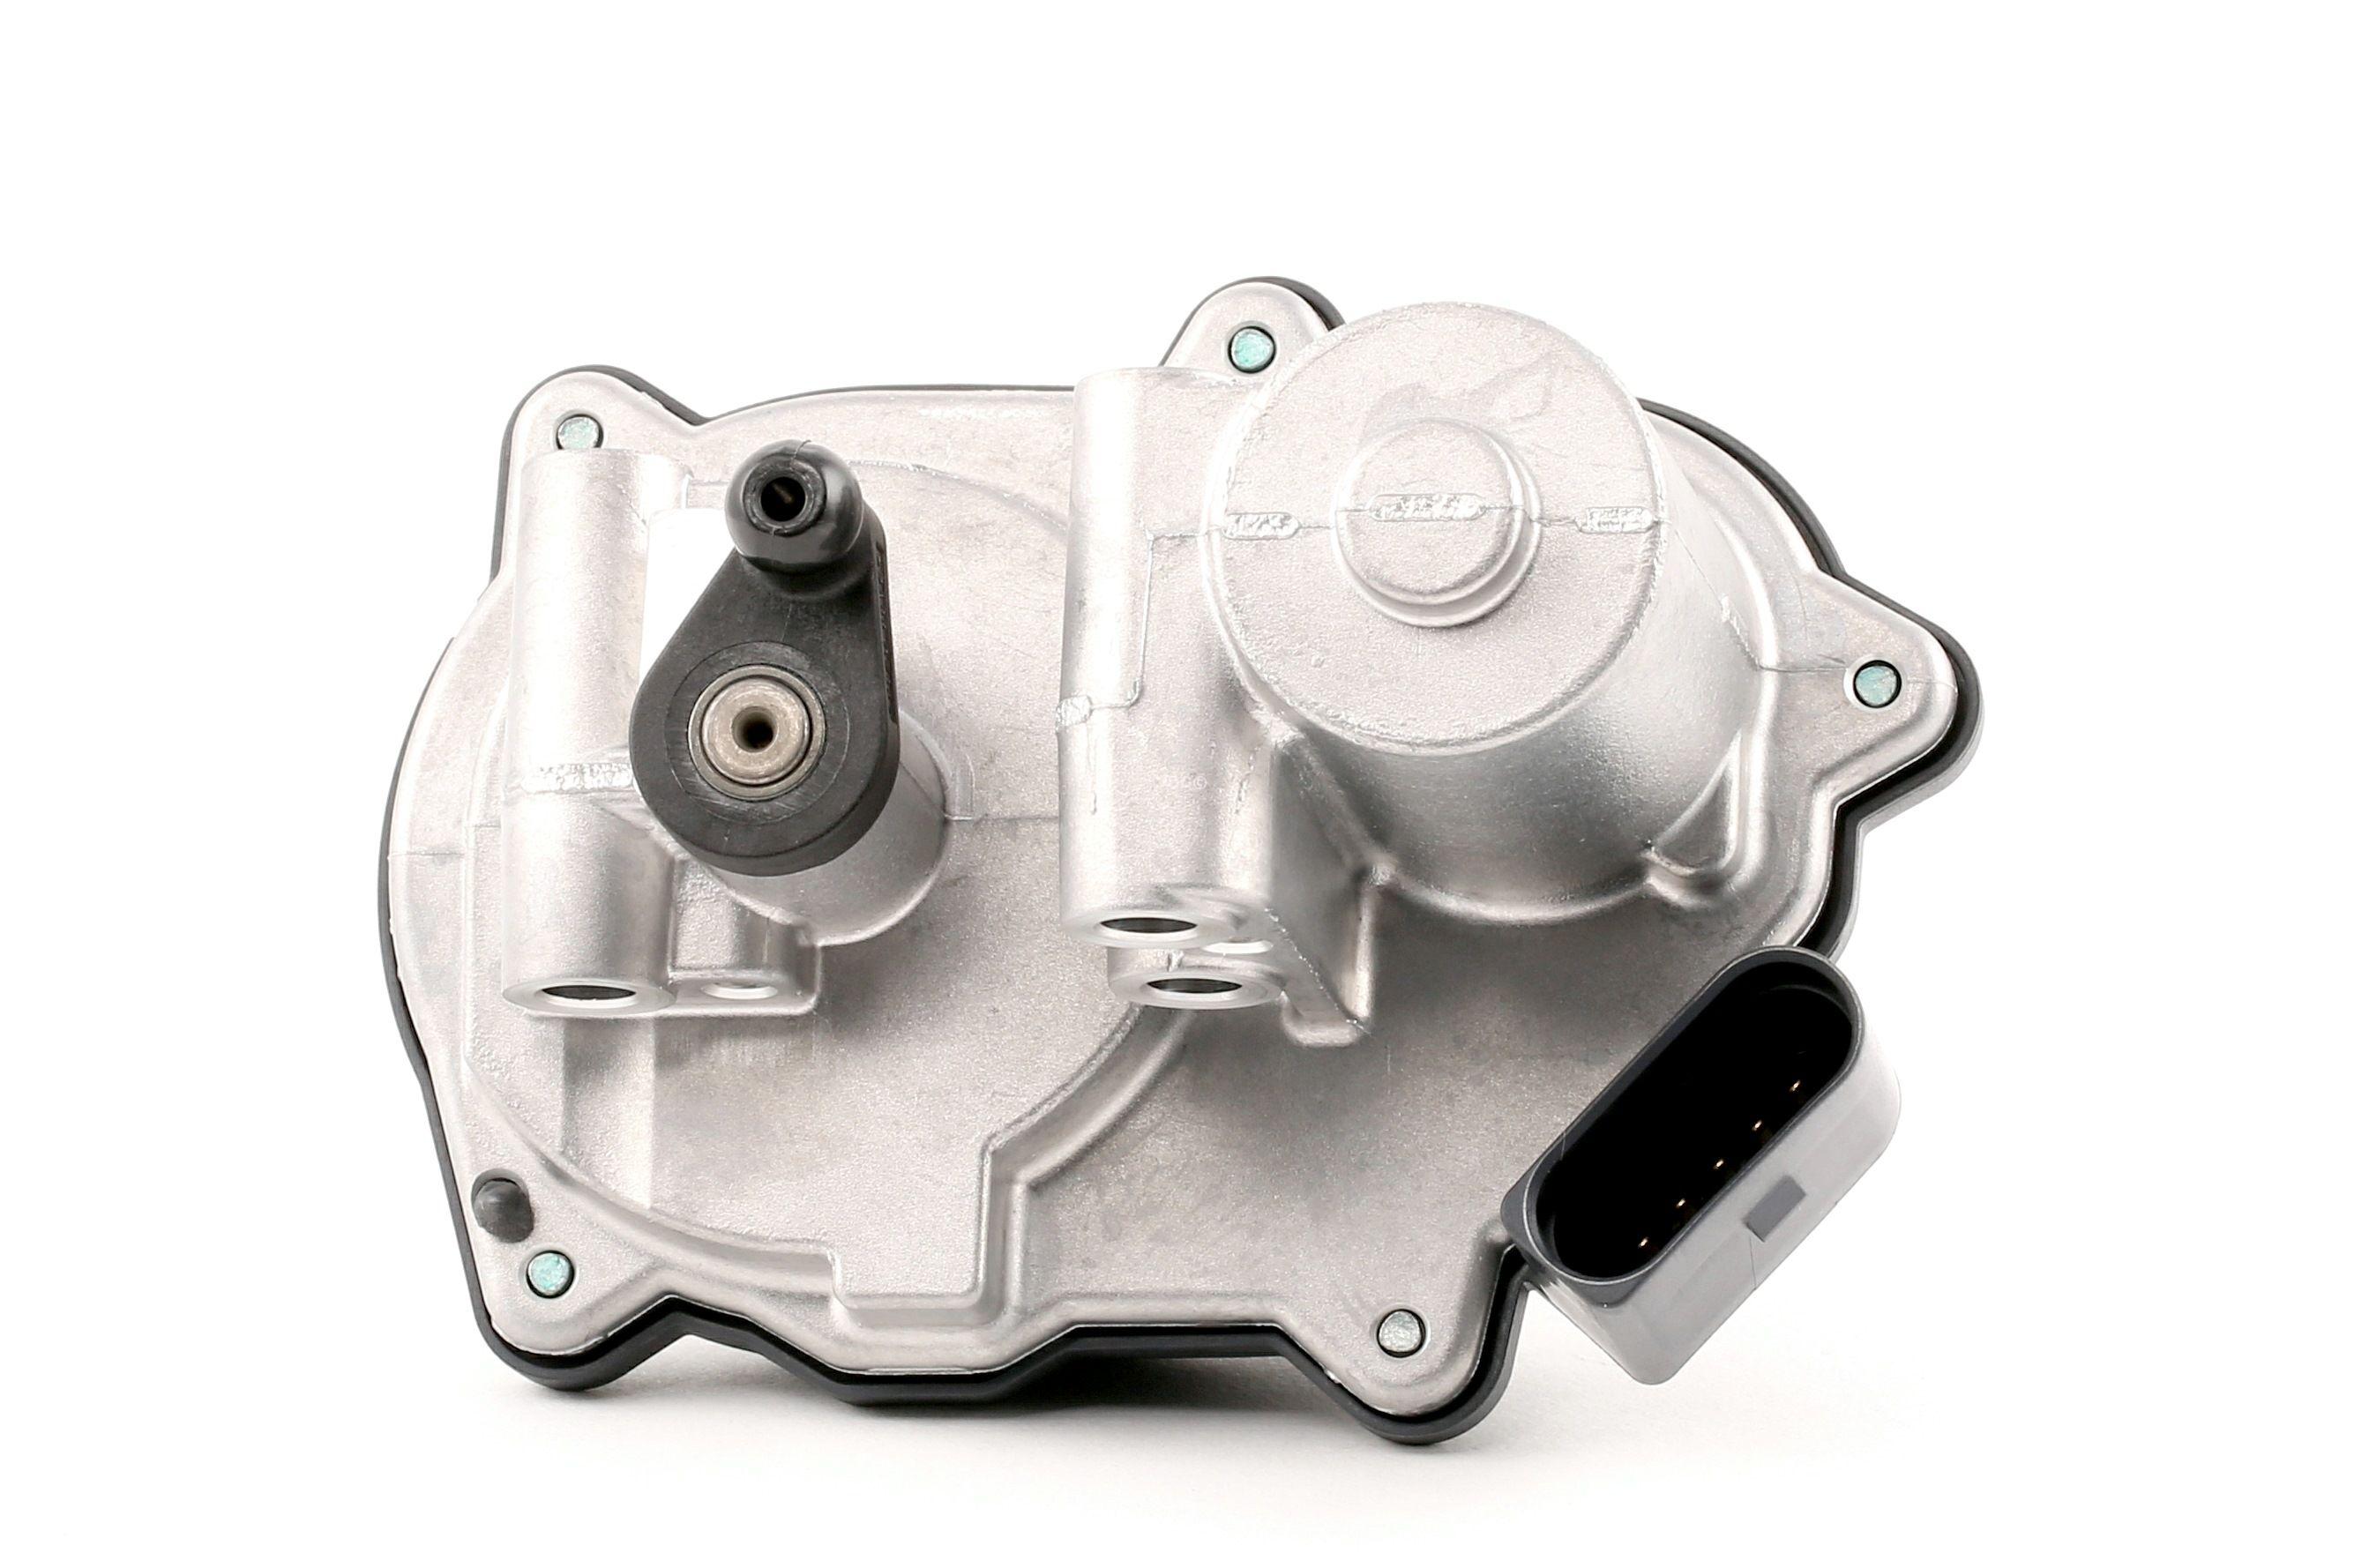 Nastavovaci prvek, prepinaci klapka (saci potrubi) VDO A2C59506246 Hodnocení